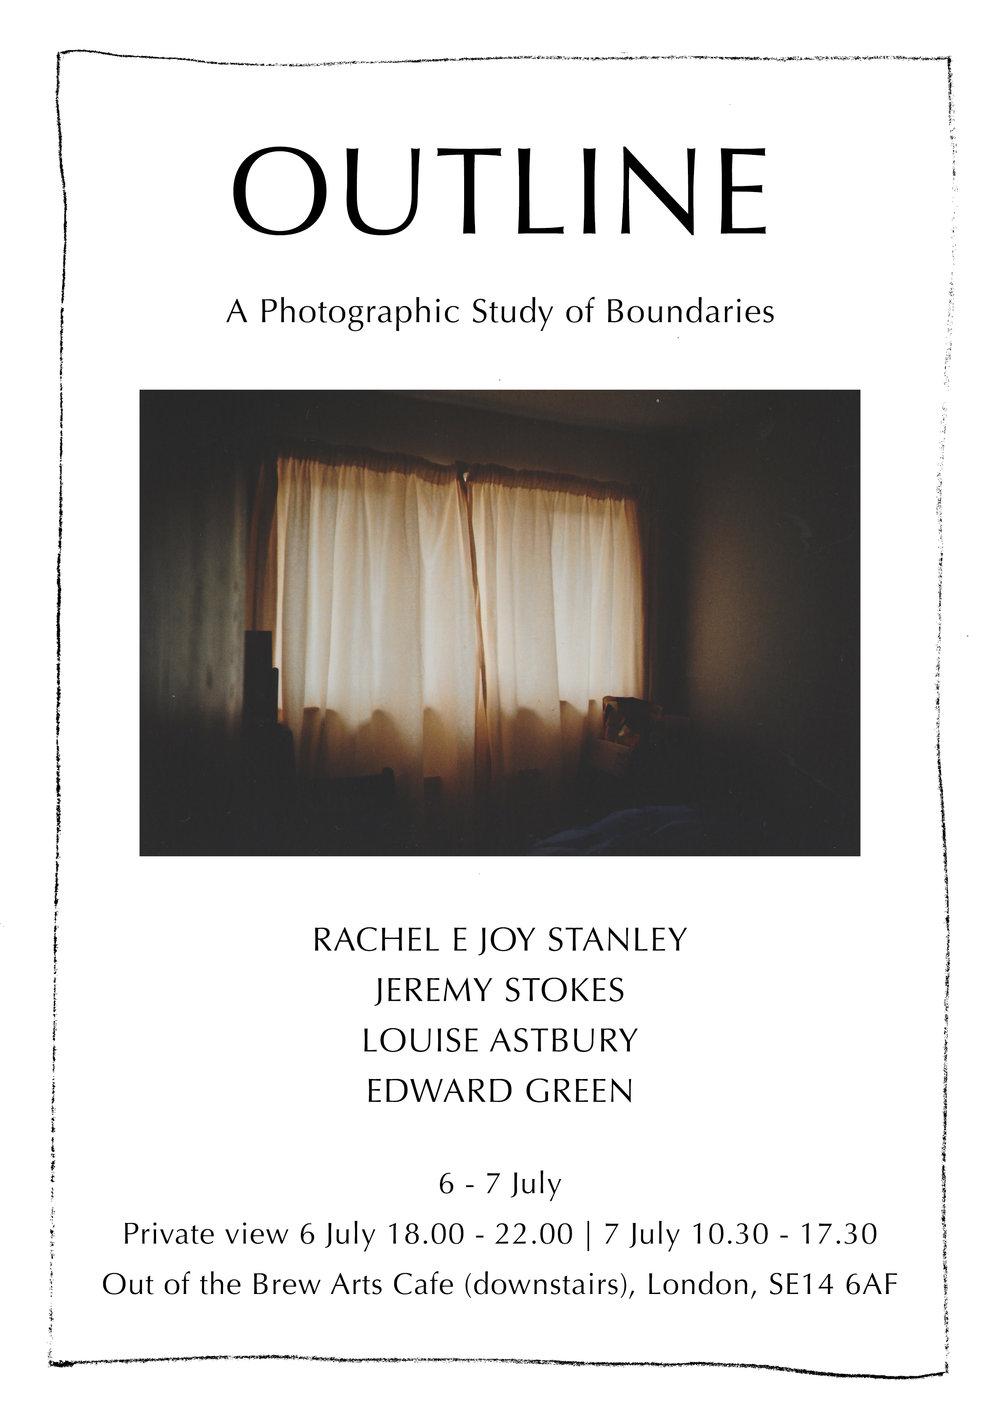 Outline-Poster.jpg